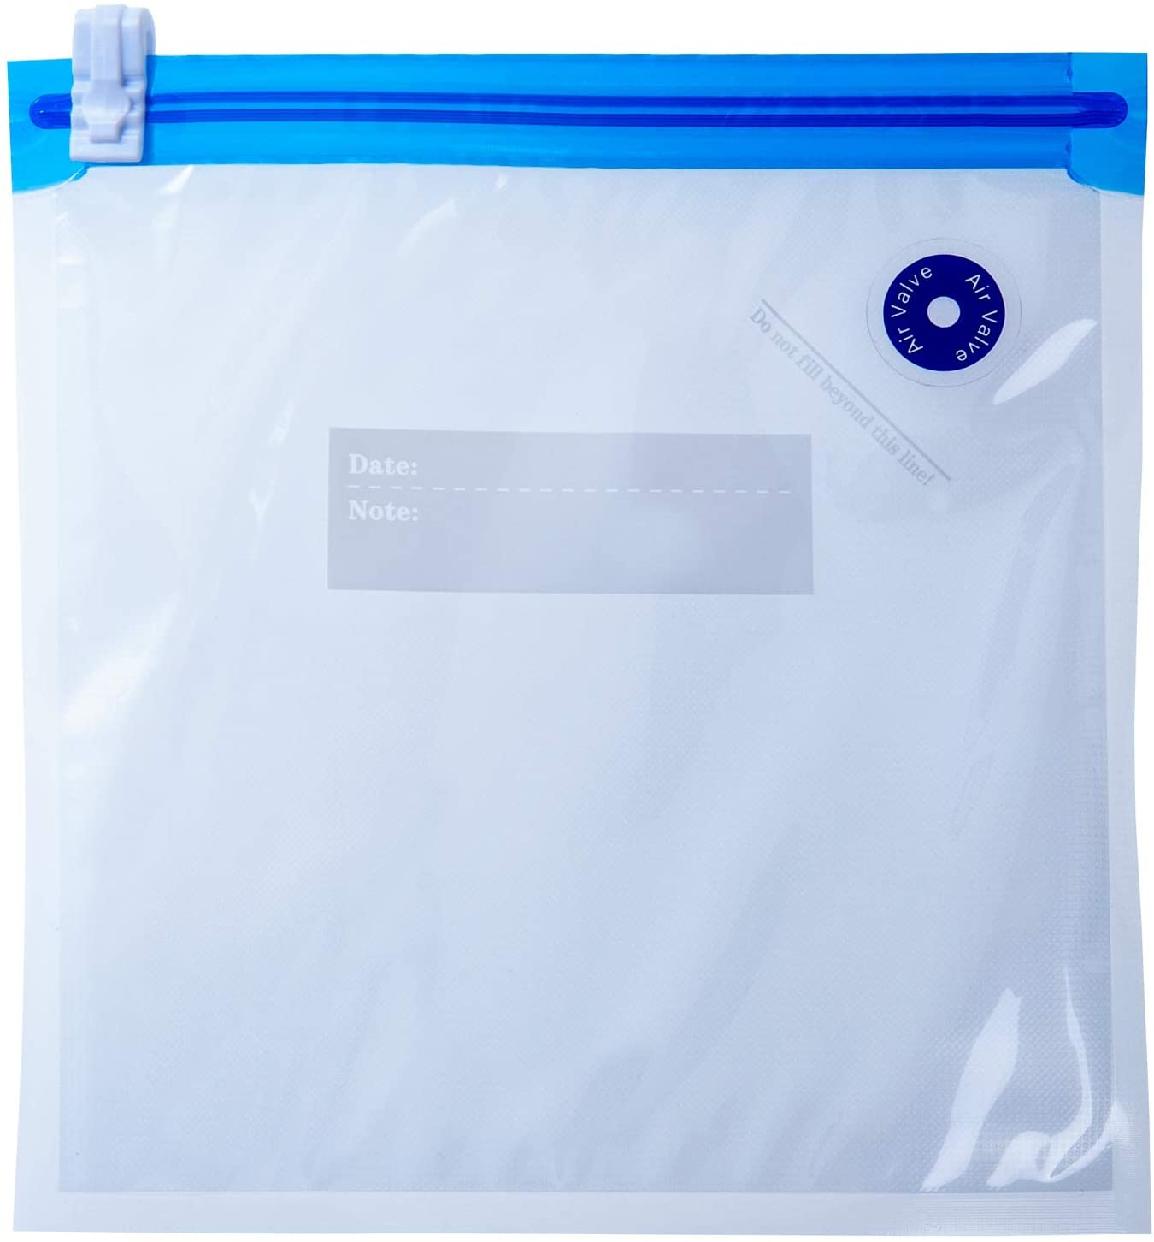 ASTRO(アストロ) 真空保存袋 食品用 623-32の商品画像6